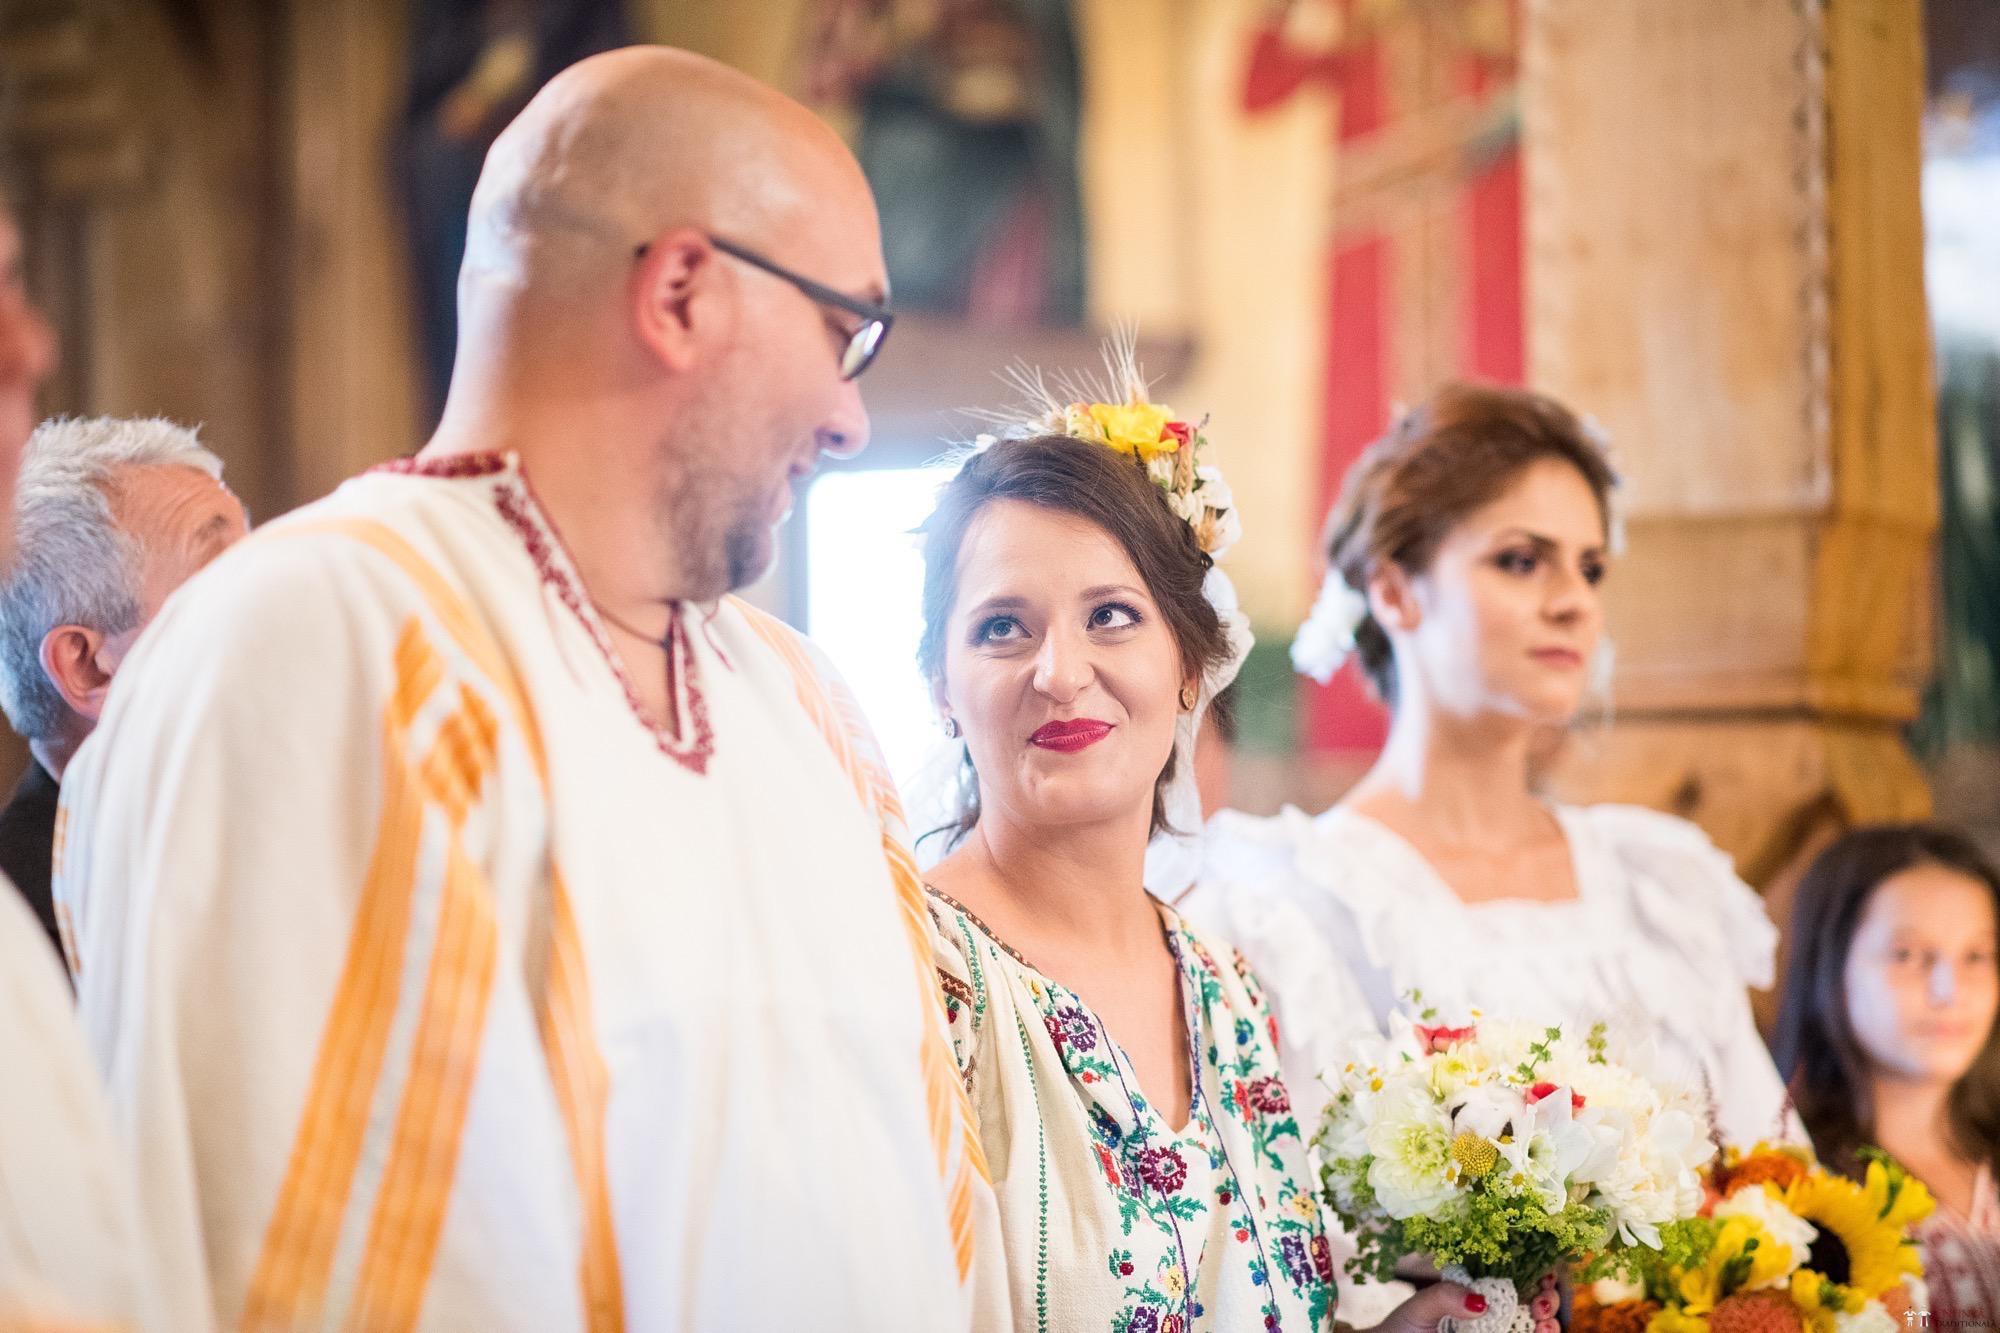 Povești Nunți Tradiționale - Ioana și Andrei. Nuntă tradițională în București. 17